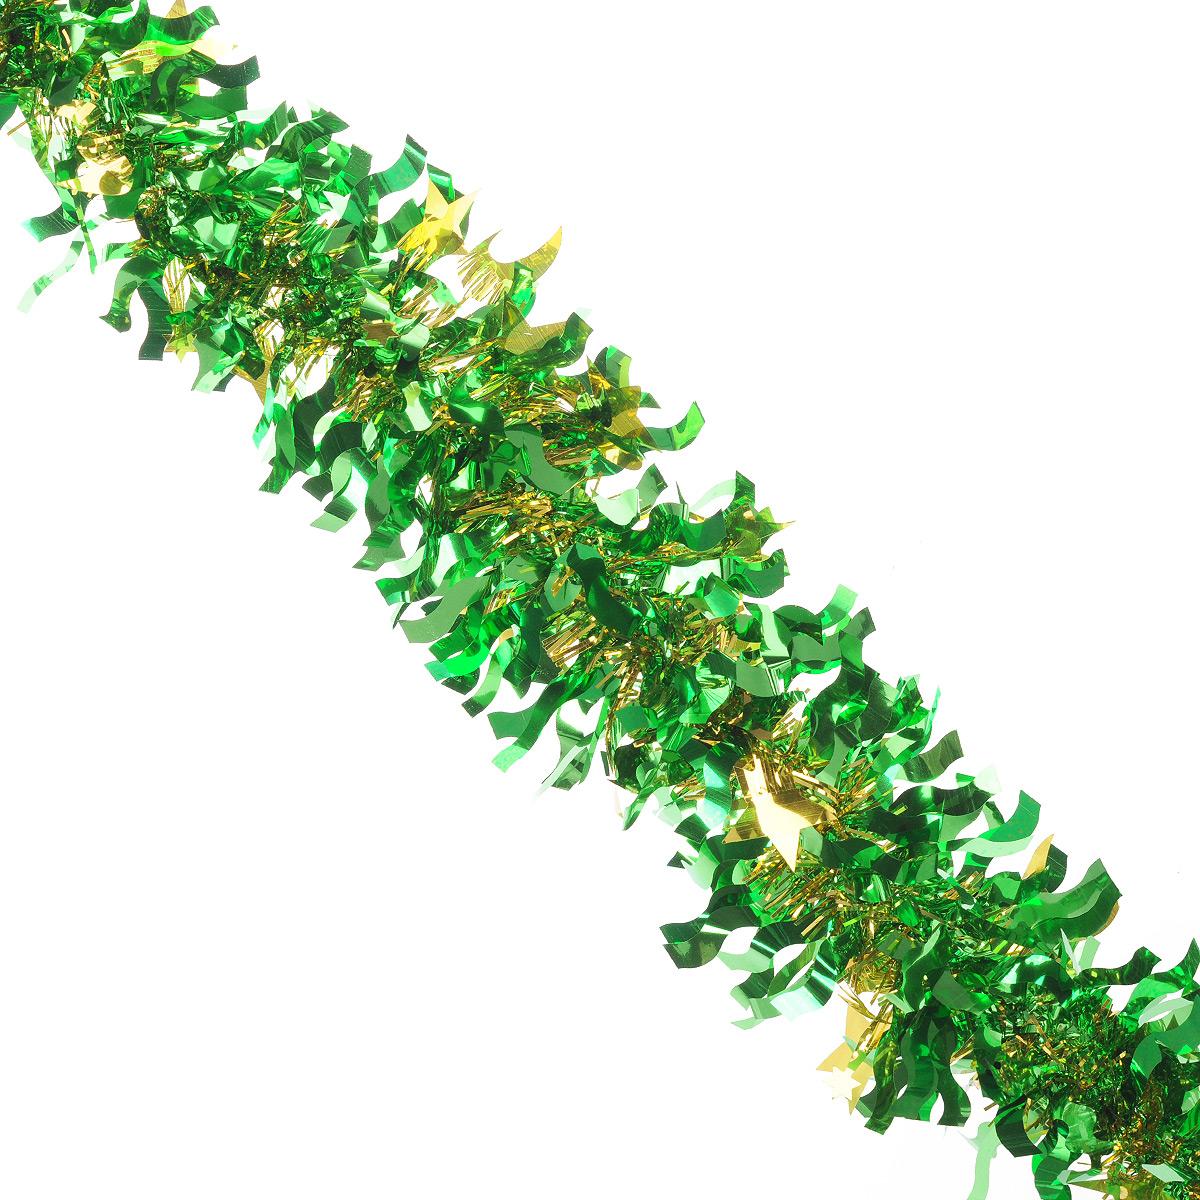 Мишура новогодняя Sima-land, цвет: золотистый, зеленый, диаметр 9 см, длина 2 м. 825979825979Новогодняя мишура Sima-land, выполненная из фольги, поможет вам украсить свой дом к предстоящим праздникам. А новогодняя елка с таким украшением станет еще наряднее. Мишура армирована, то есть имеет проволоку внутри и способна сохранять приданную ей форму. Новогодней мишурой можно украсить все, что угодно - елку, квартиру, дачу, офис - как внутри, так и снаружи. Можно сложить новогодние поздравления, буквы и цифры, мишурой можно украсить и дополнить гирлянды, можно выделить дверные колонны, оплести дверные проемы. Коллекция декоративных украшений из серии Зимнее волшебство принесет в ваш дом ни с чем несравнимое ощущение праздника! Создайте в своем доме атмосферу тепла, веселья и радости, украшая его всей семьей.